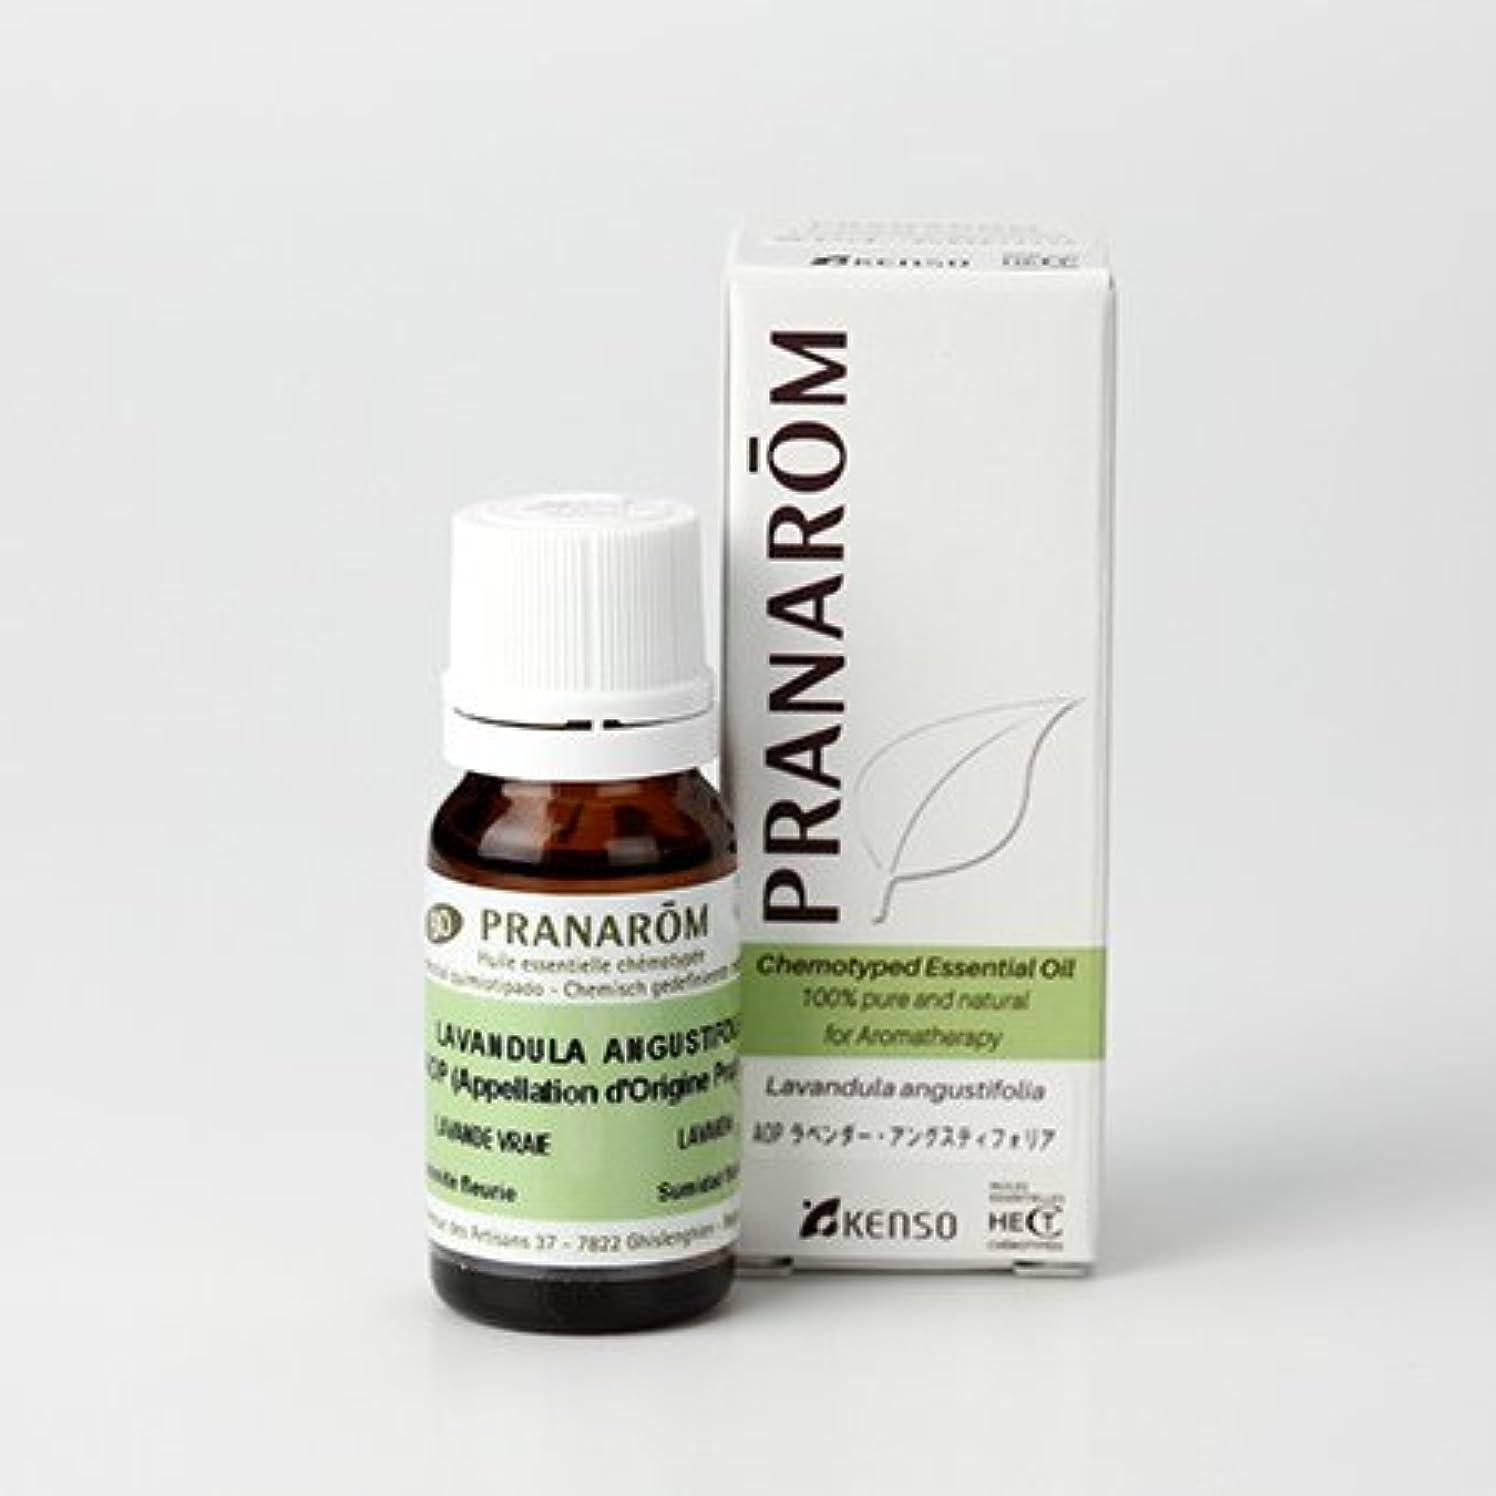 ブル無駄だ酸度プラナロム AOP ラベンダーアングスティオフォリア 10ml (PRANAROM ケモタイプ精油)